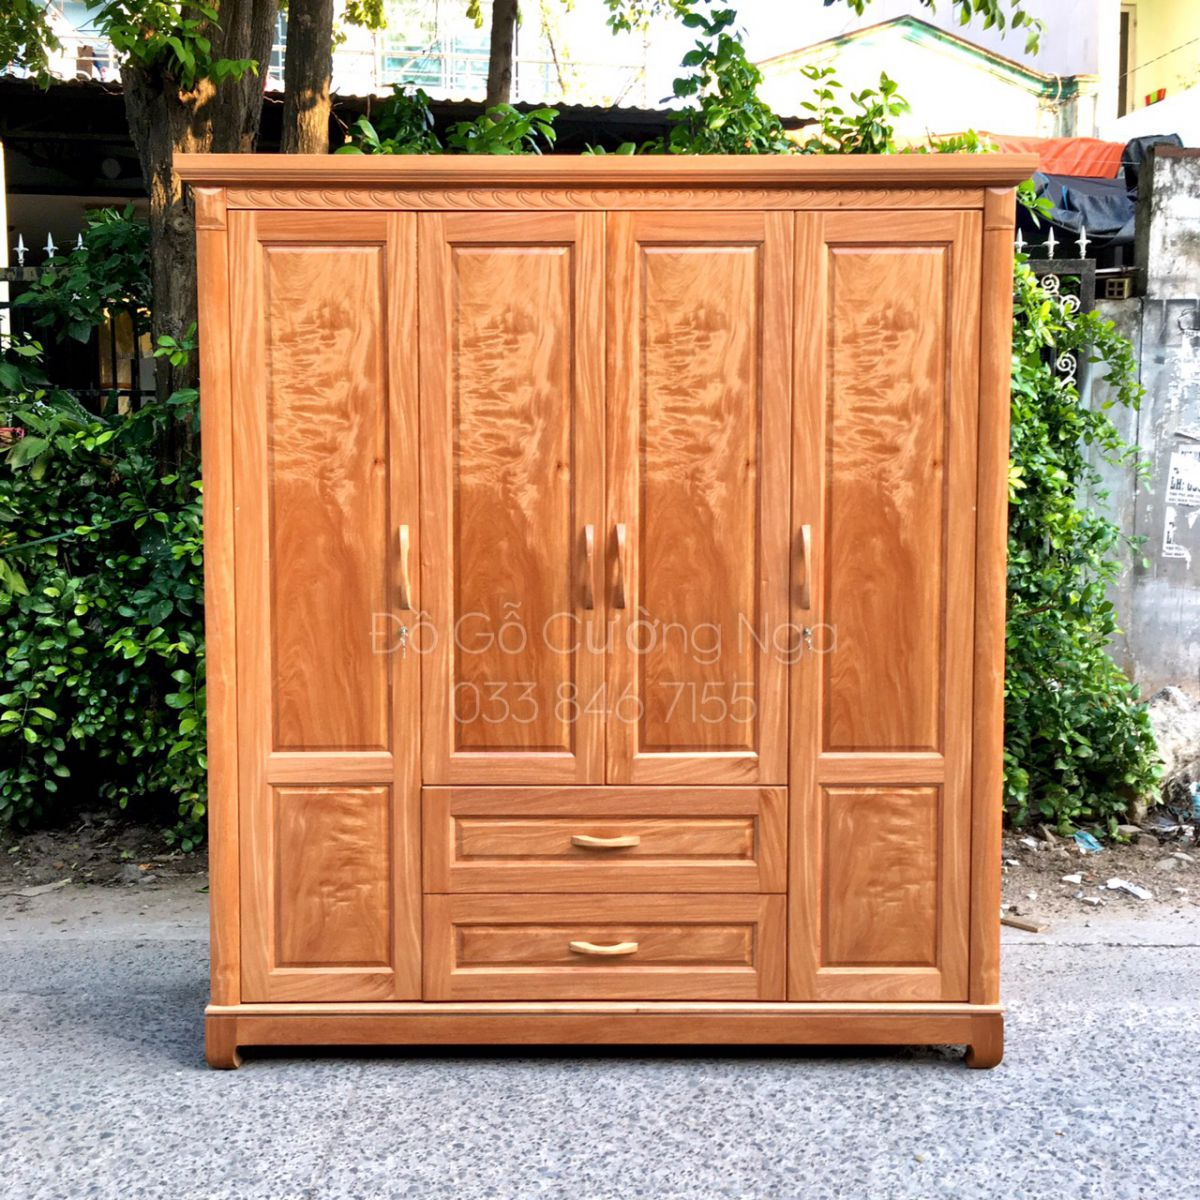 Tủ quần áo gỗ đinh hương 4 cánh - 2m tại quận 12